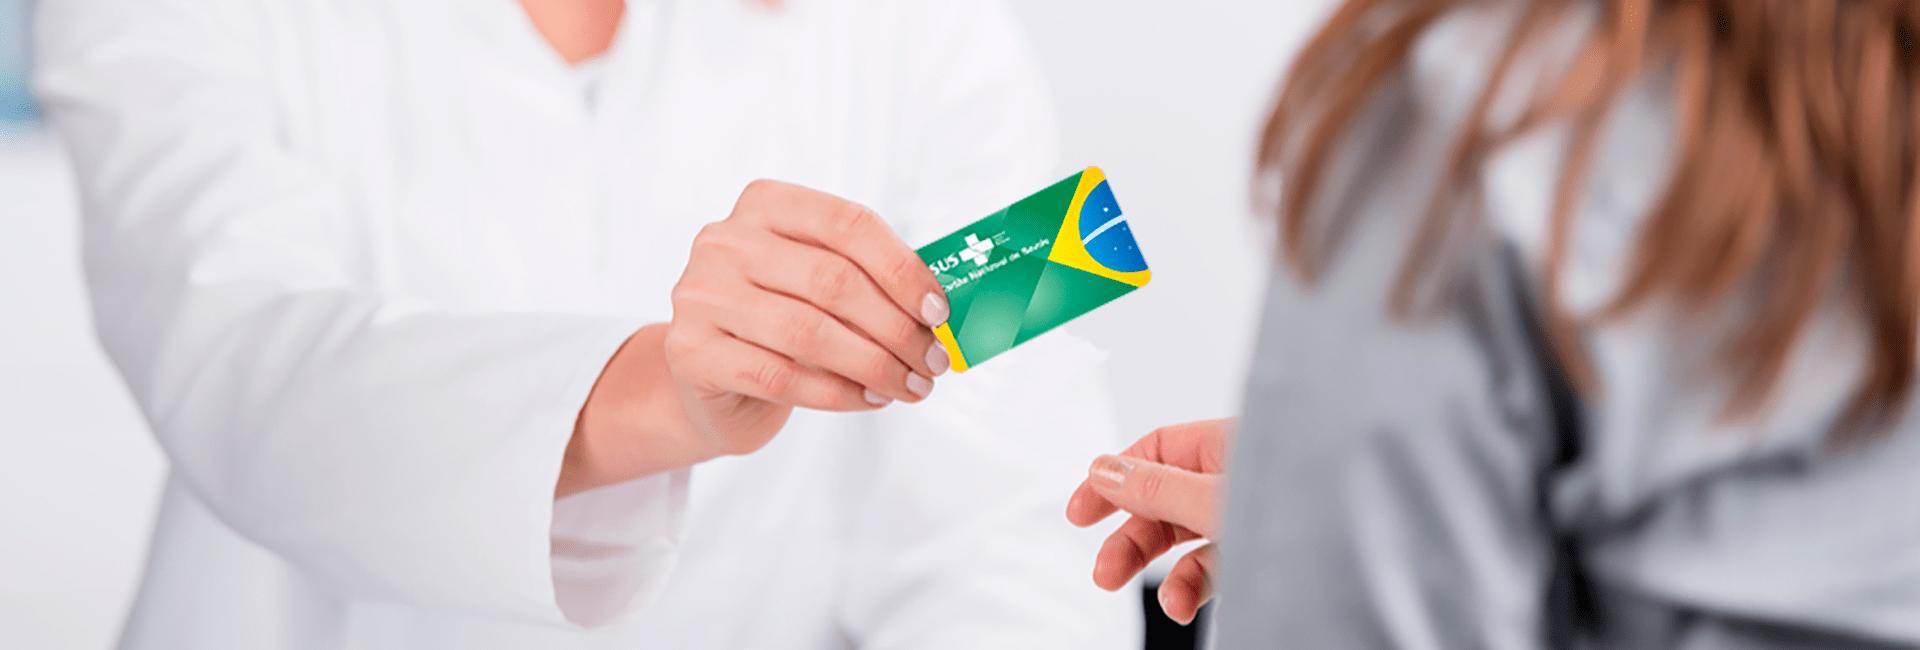 Bg-Cartão-Nacional-de-Saúde-1